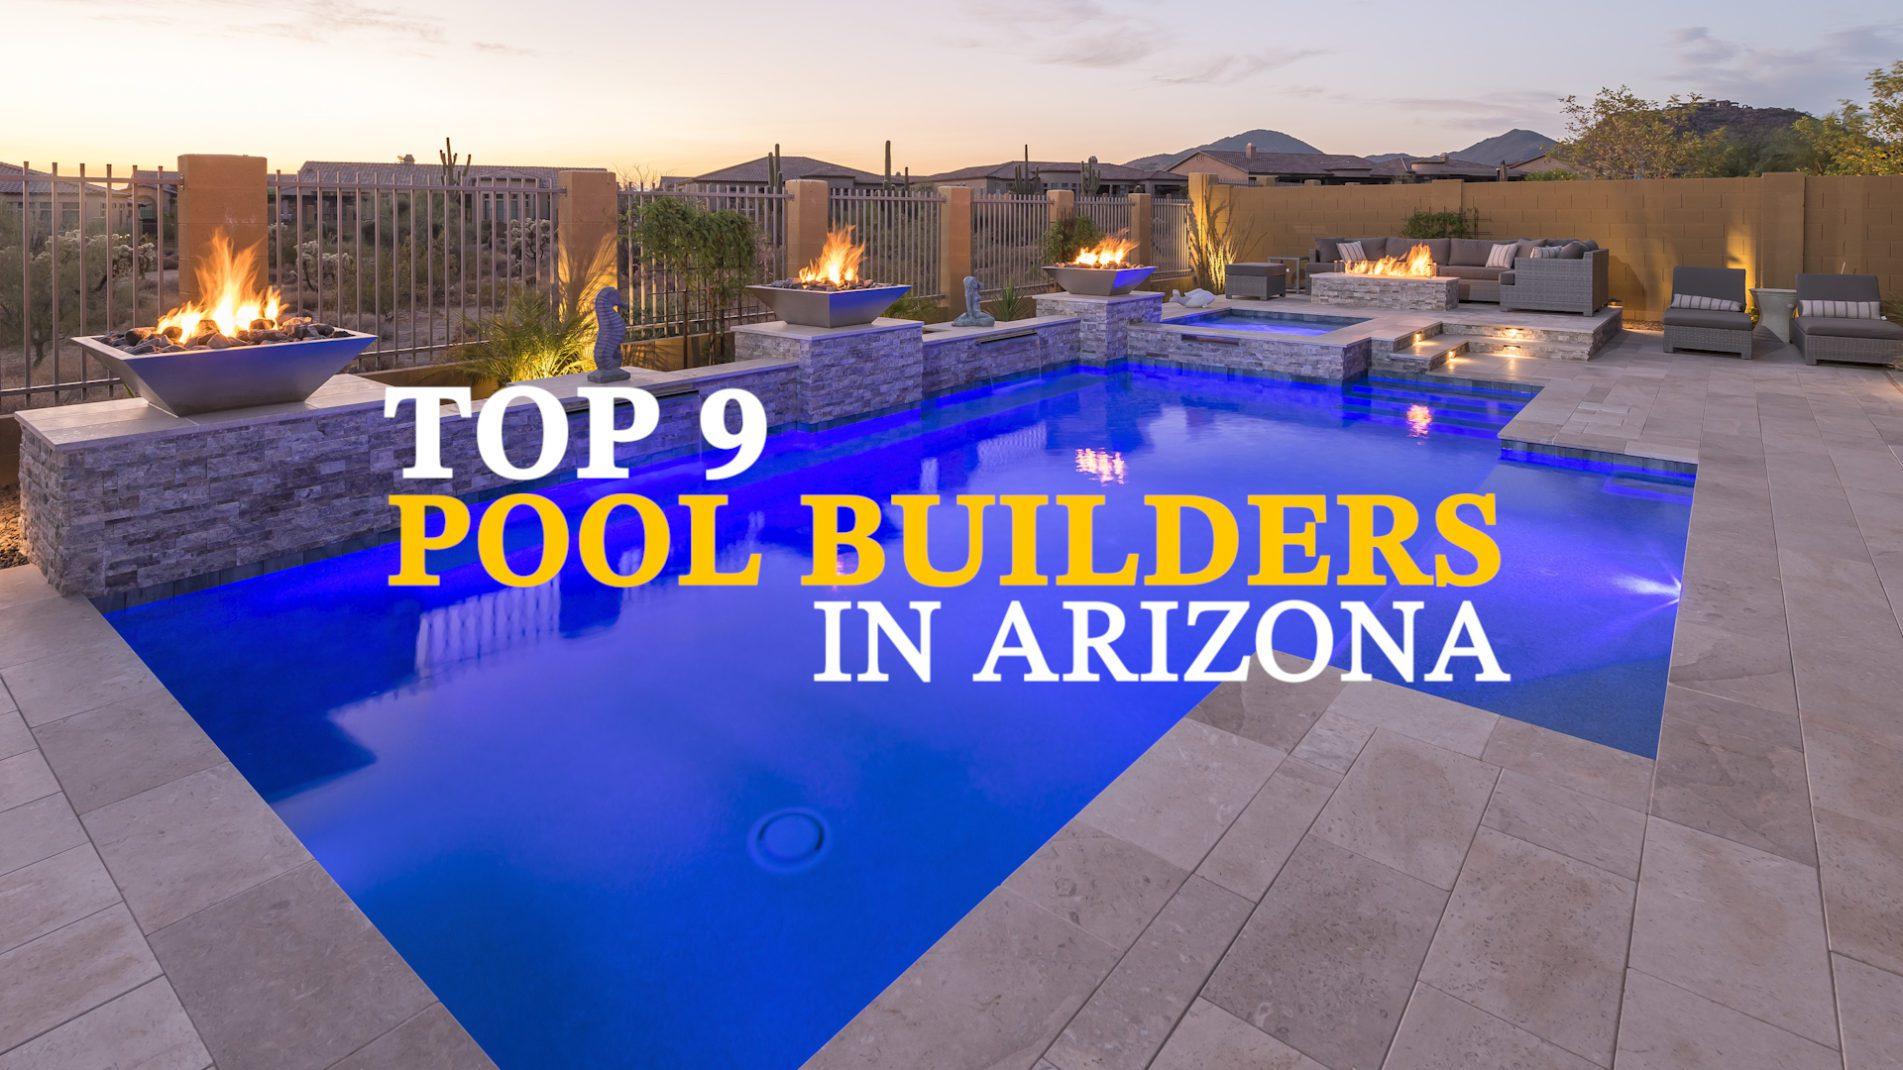 Top 9 Pool Builders in Arizona